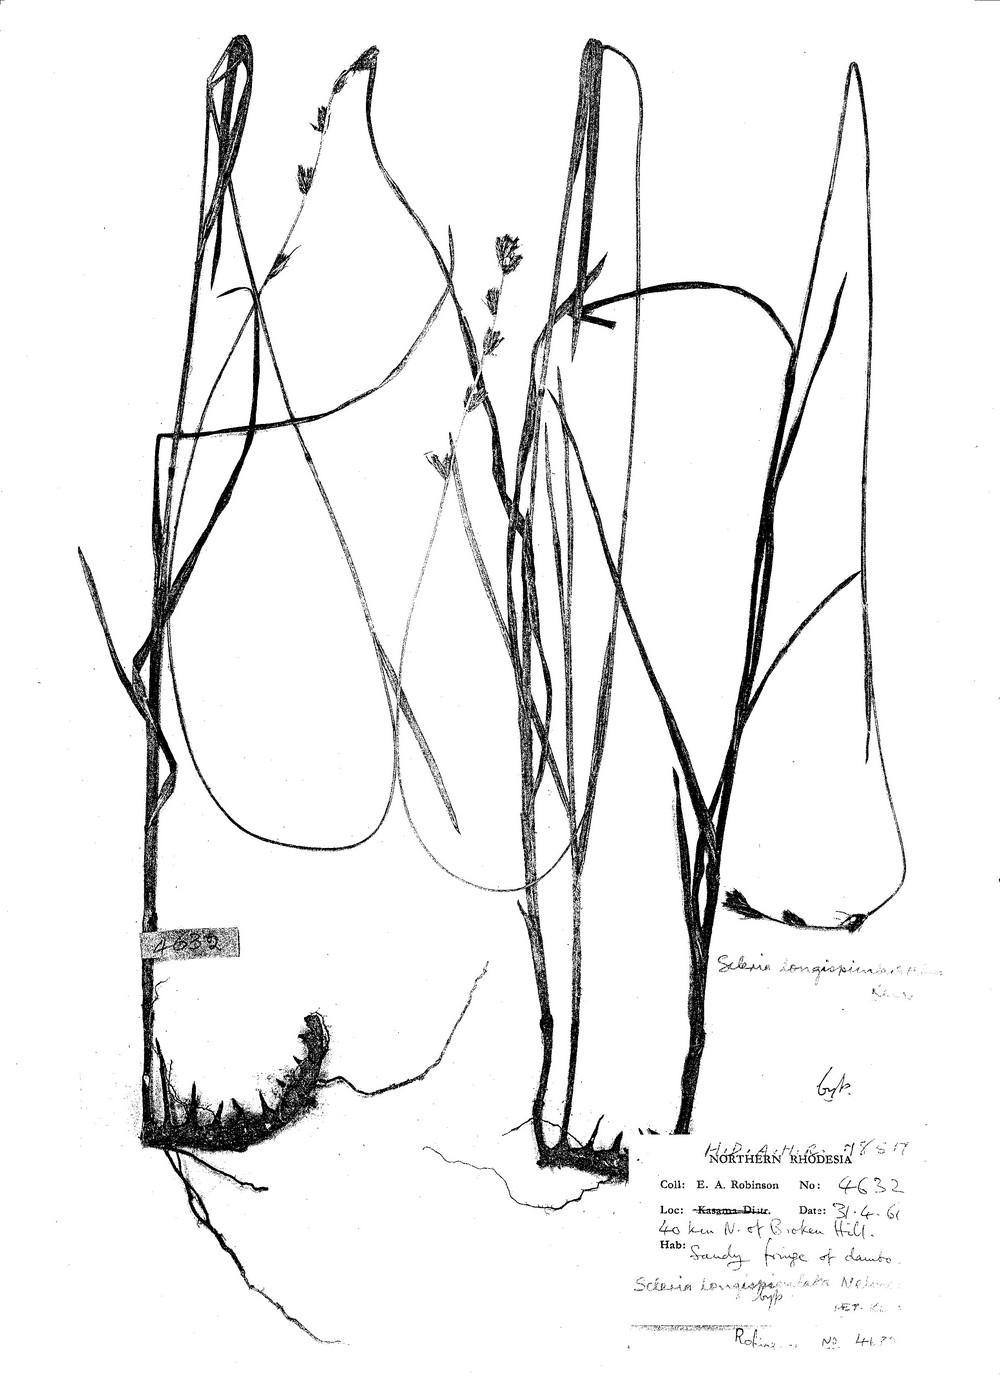 Scleria longispiculata